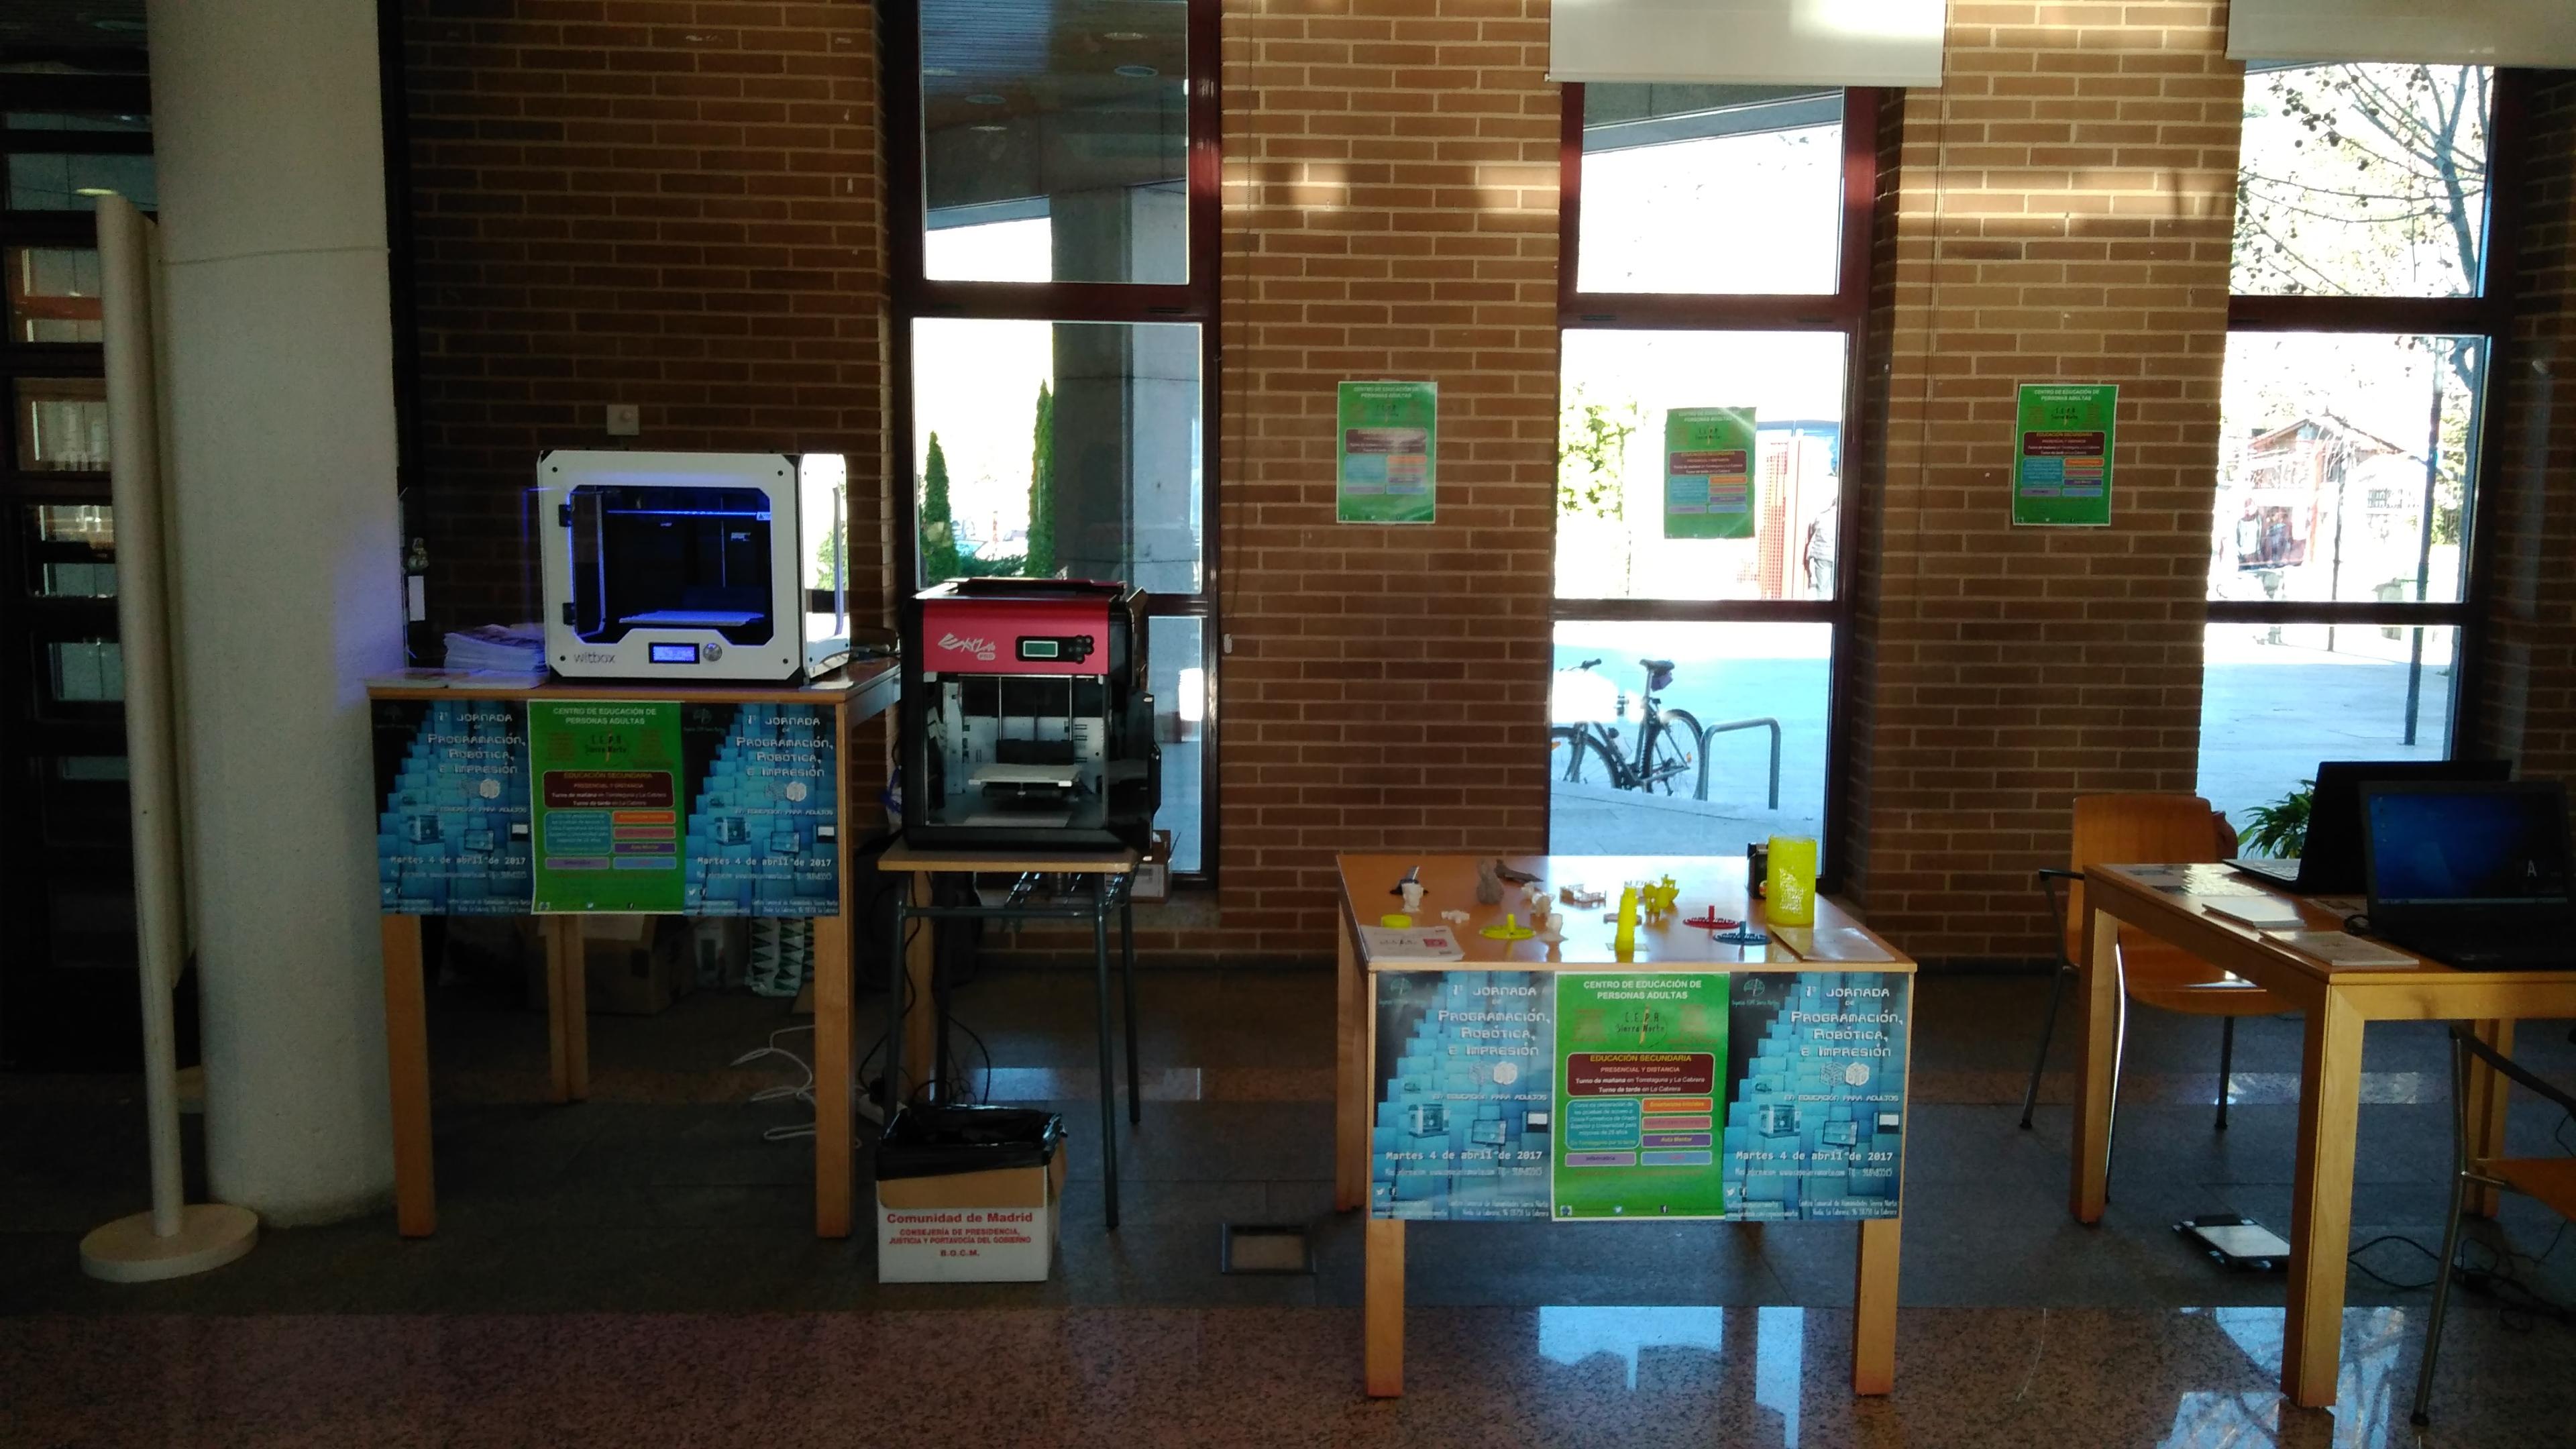 I Jornada de Programación, Robótica e Impresión 3D en educación para adultos. 04-04-2017